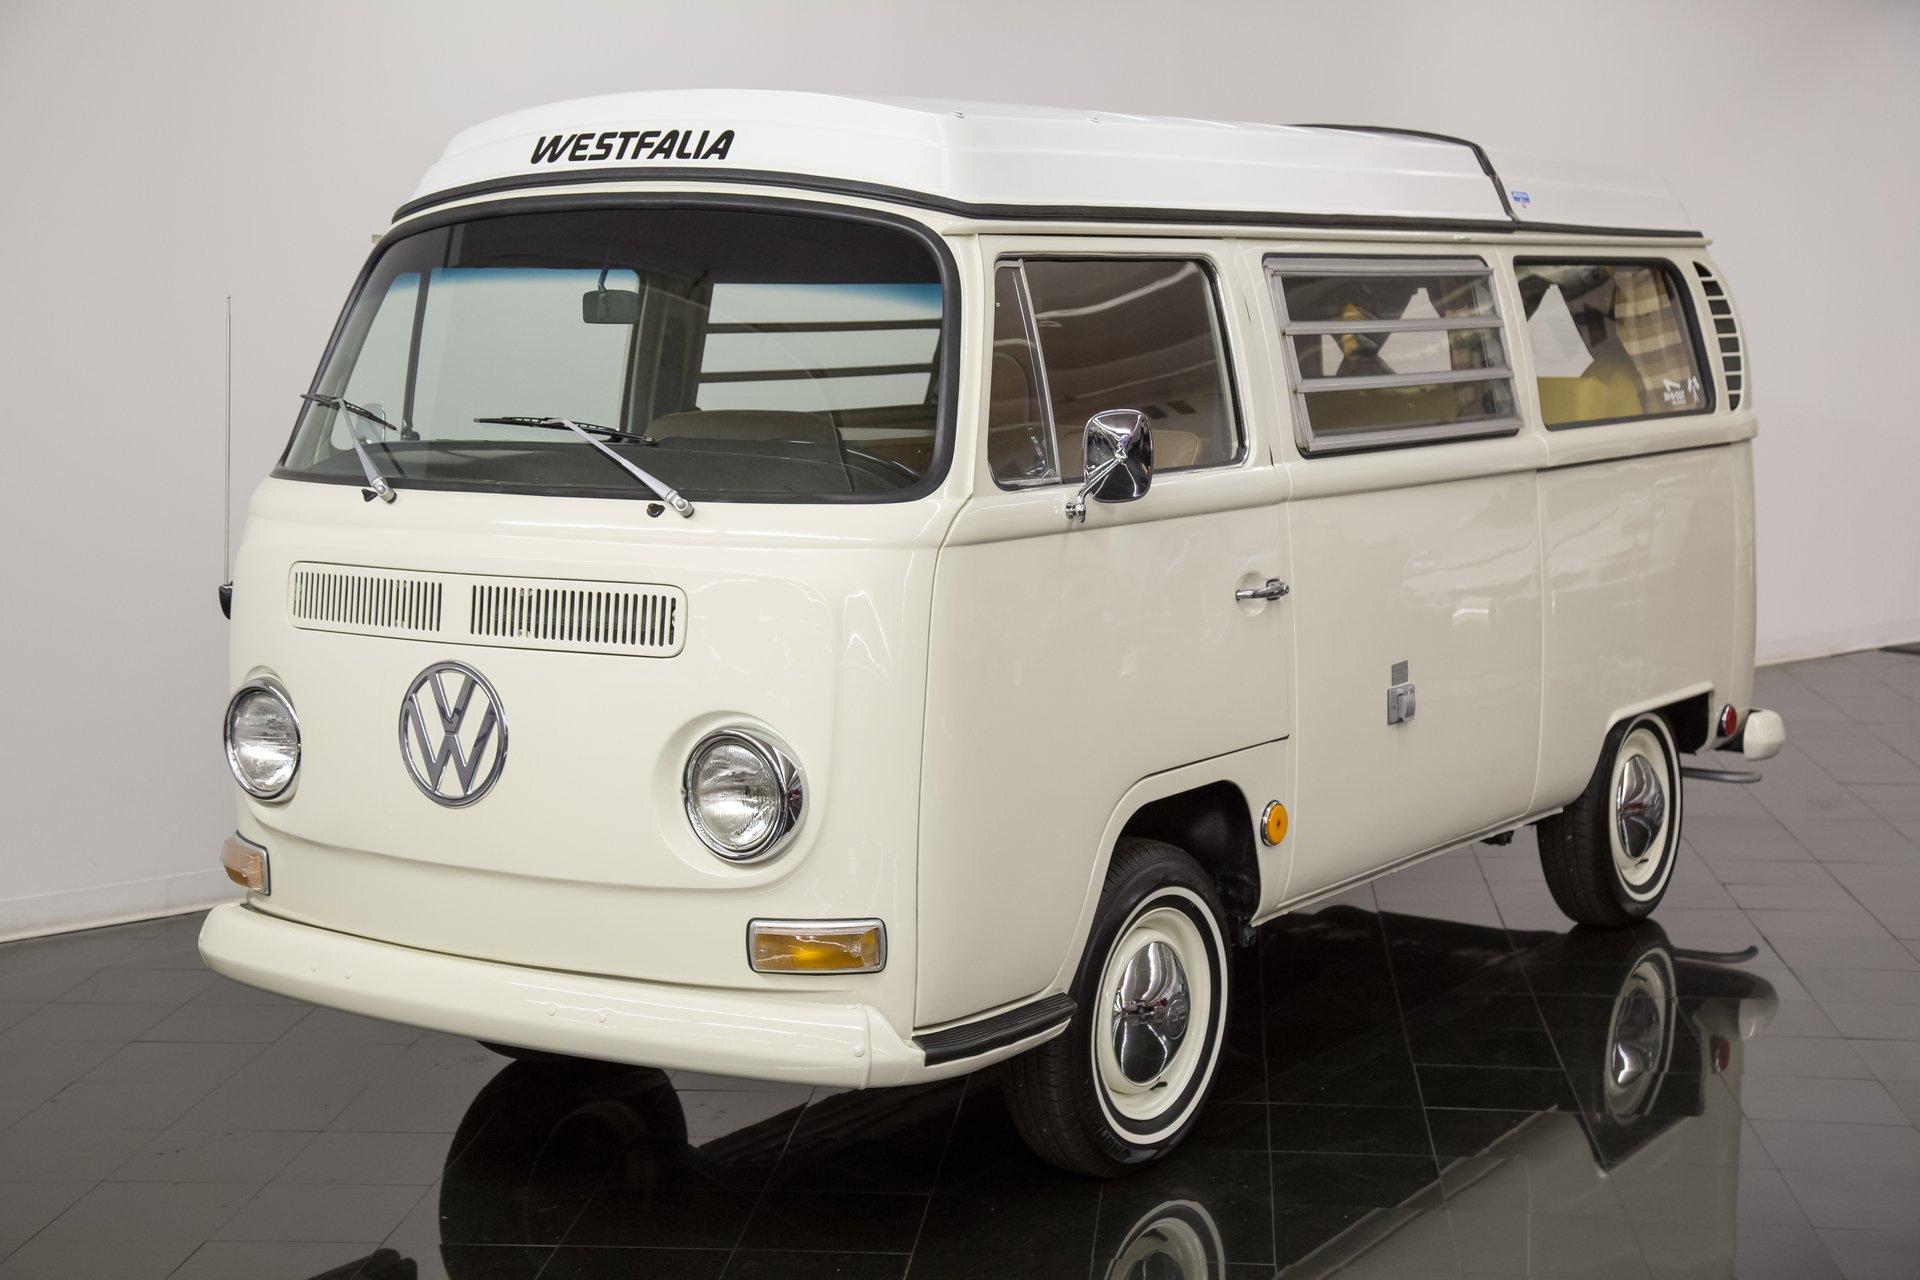 1968 Volkswagen Westfalia Campmobile Van